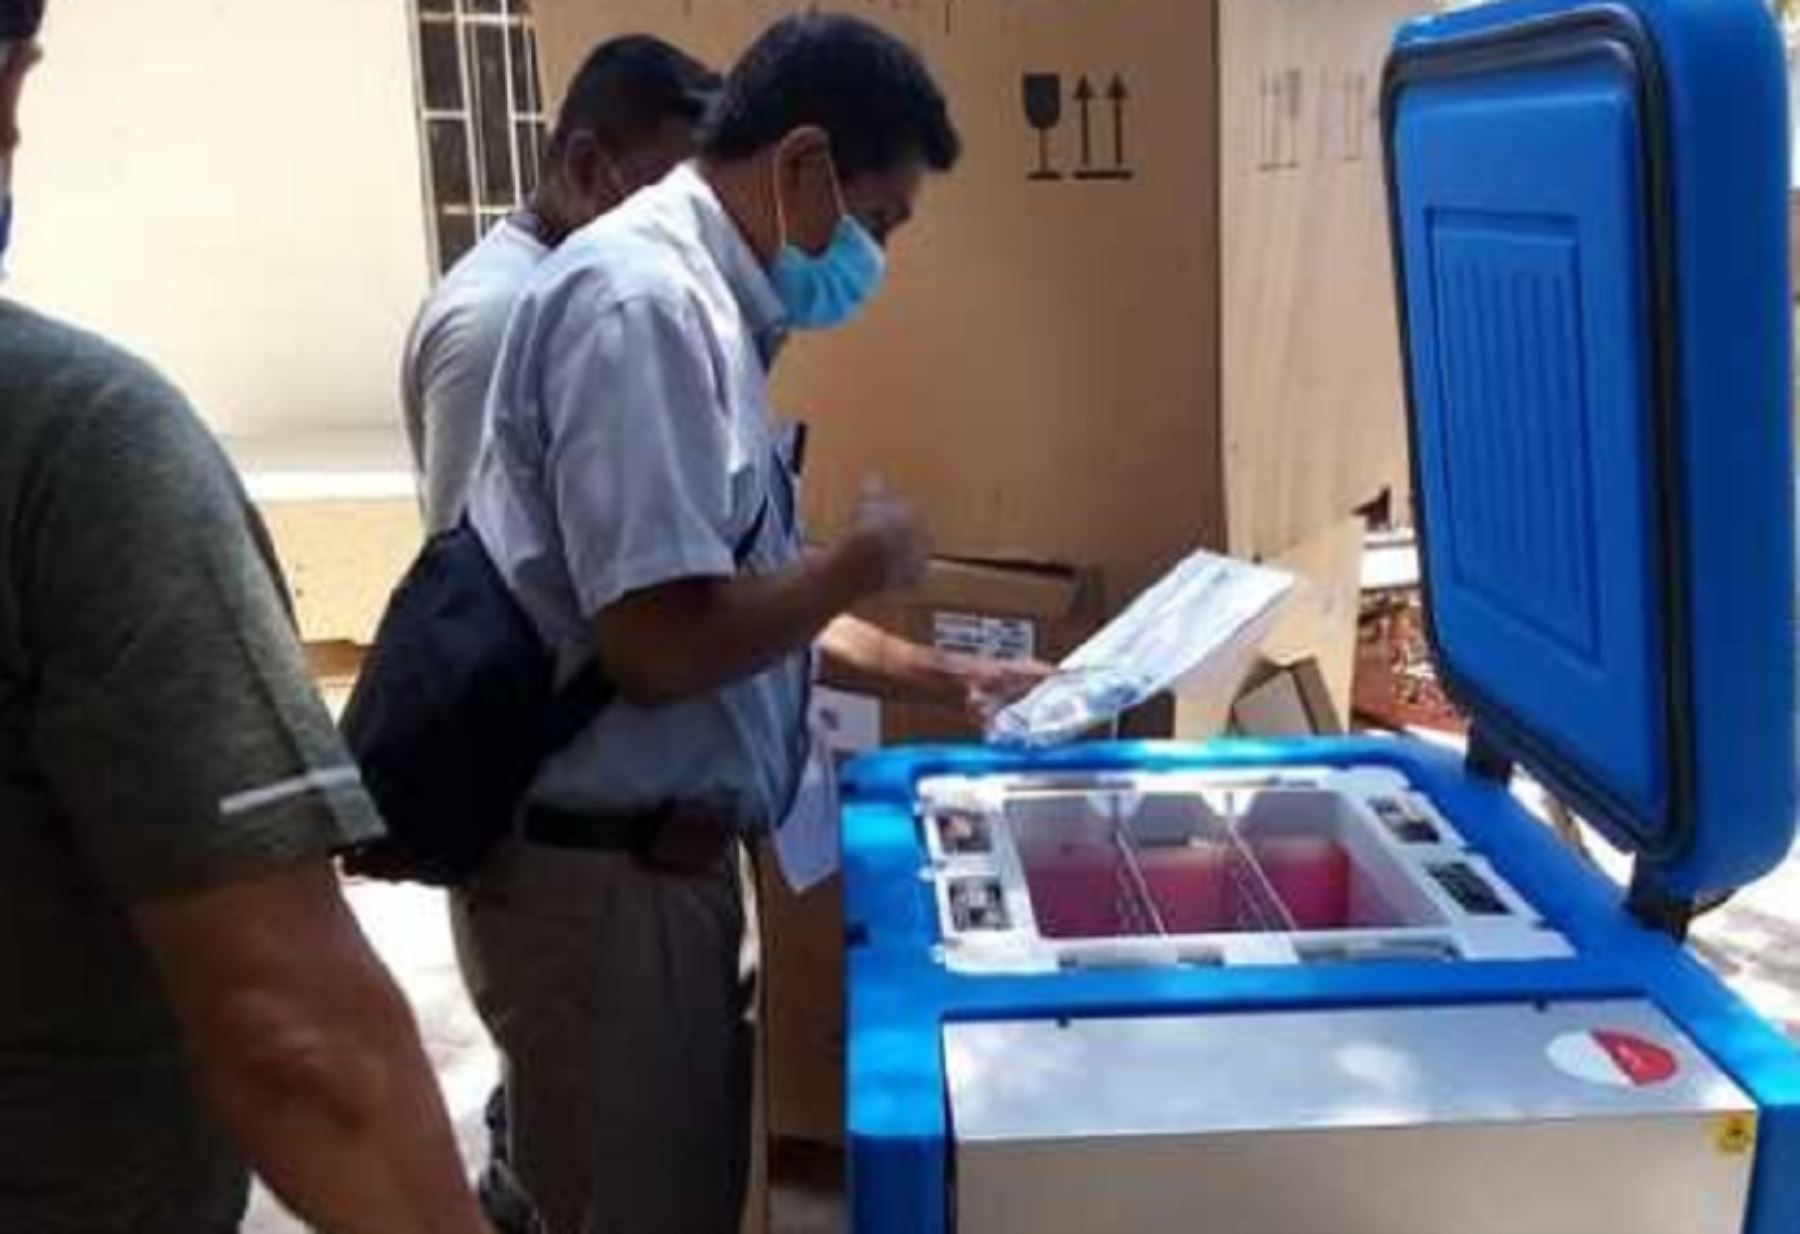 La Dirección Regional de Salud (Diresa) de Piura inició la distribución de diez congeladoras solares enviadas por el Ministerio de Salud para asegurar la cadena de frío de las vacunas contra el covid-19. Foto: Minsa